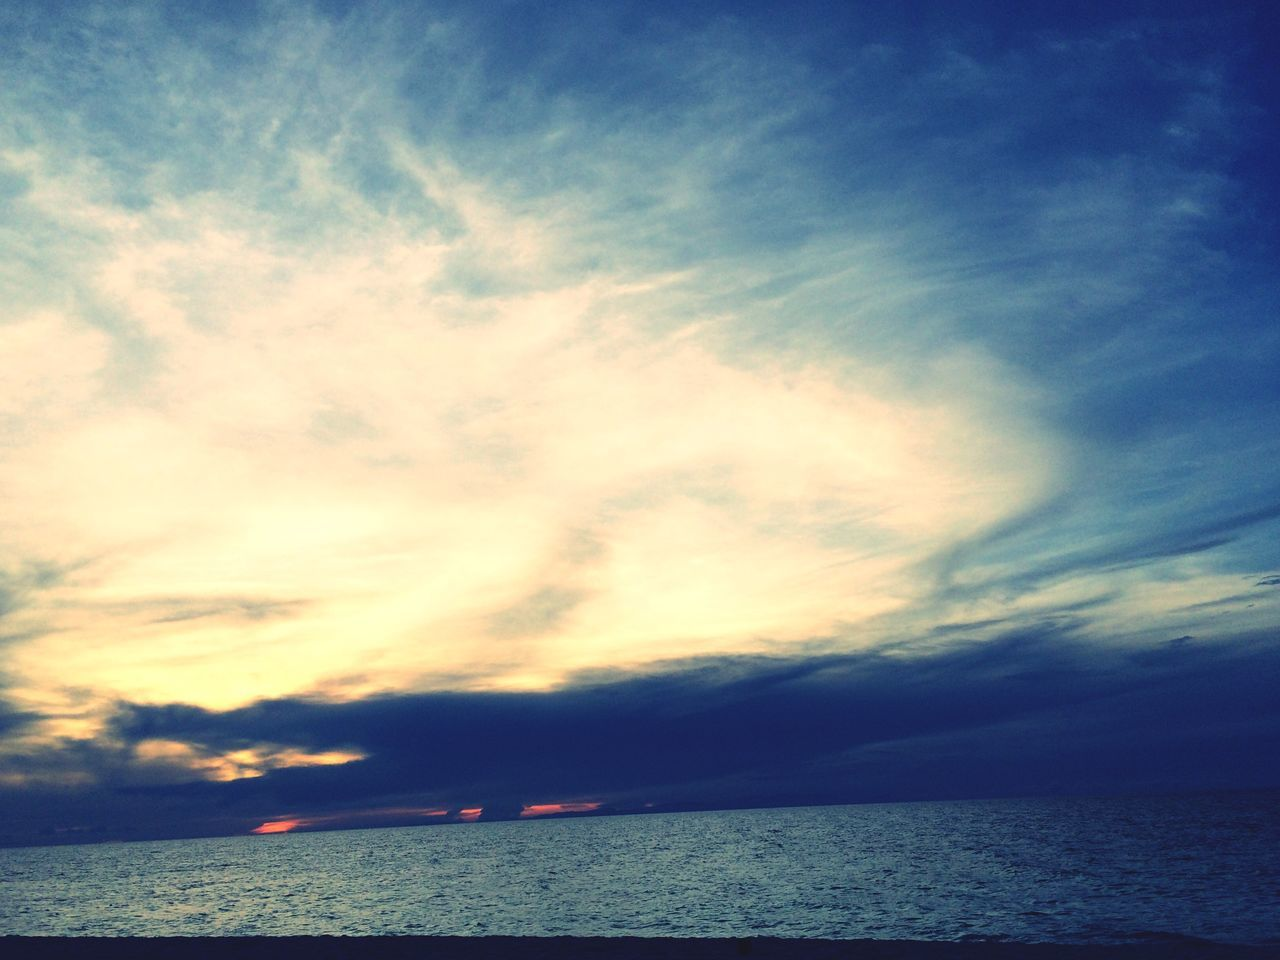 The afternoon sky. Clouds Beach Beachlife Island Islandlife Boracay